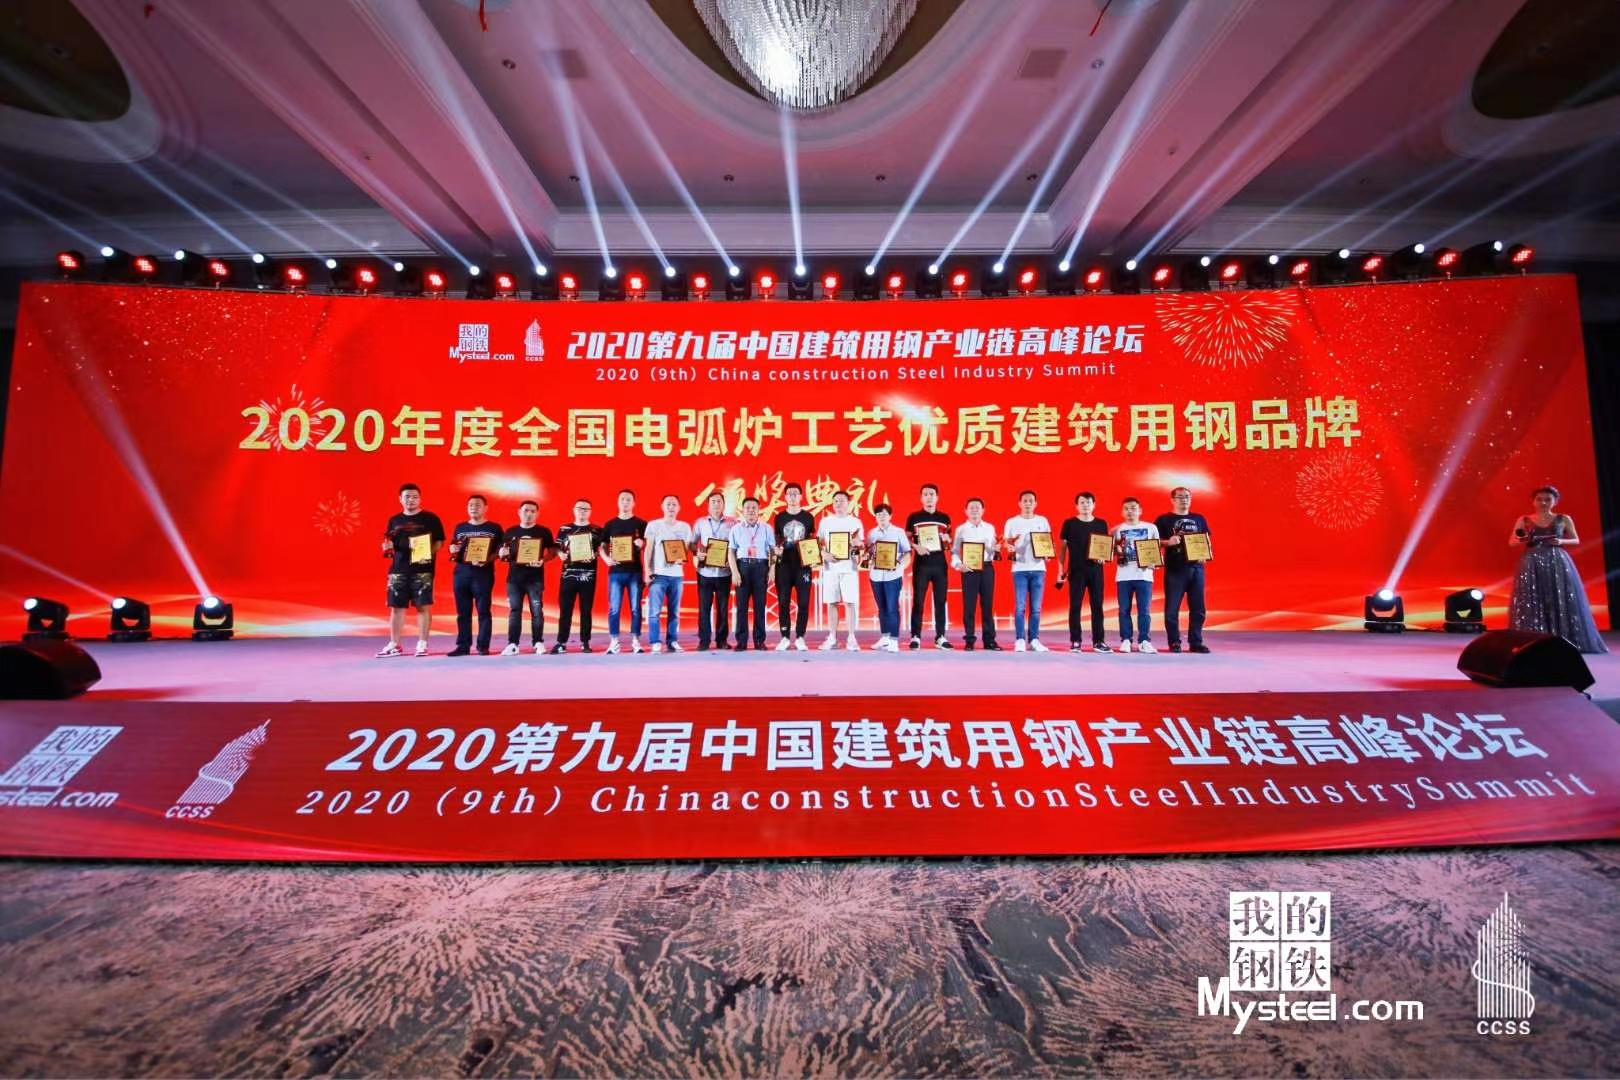 我司受邀参加并再次荣获2020年全国电弧炉工艺优质建筑用钢品牌奖